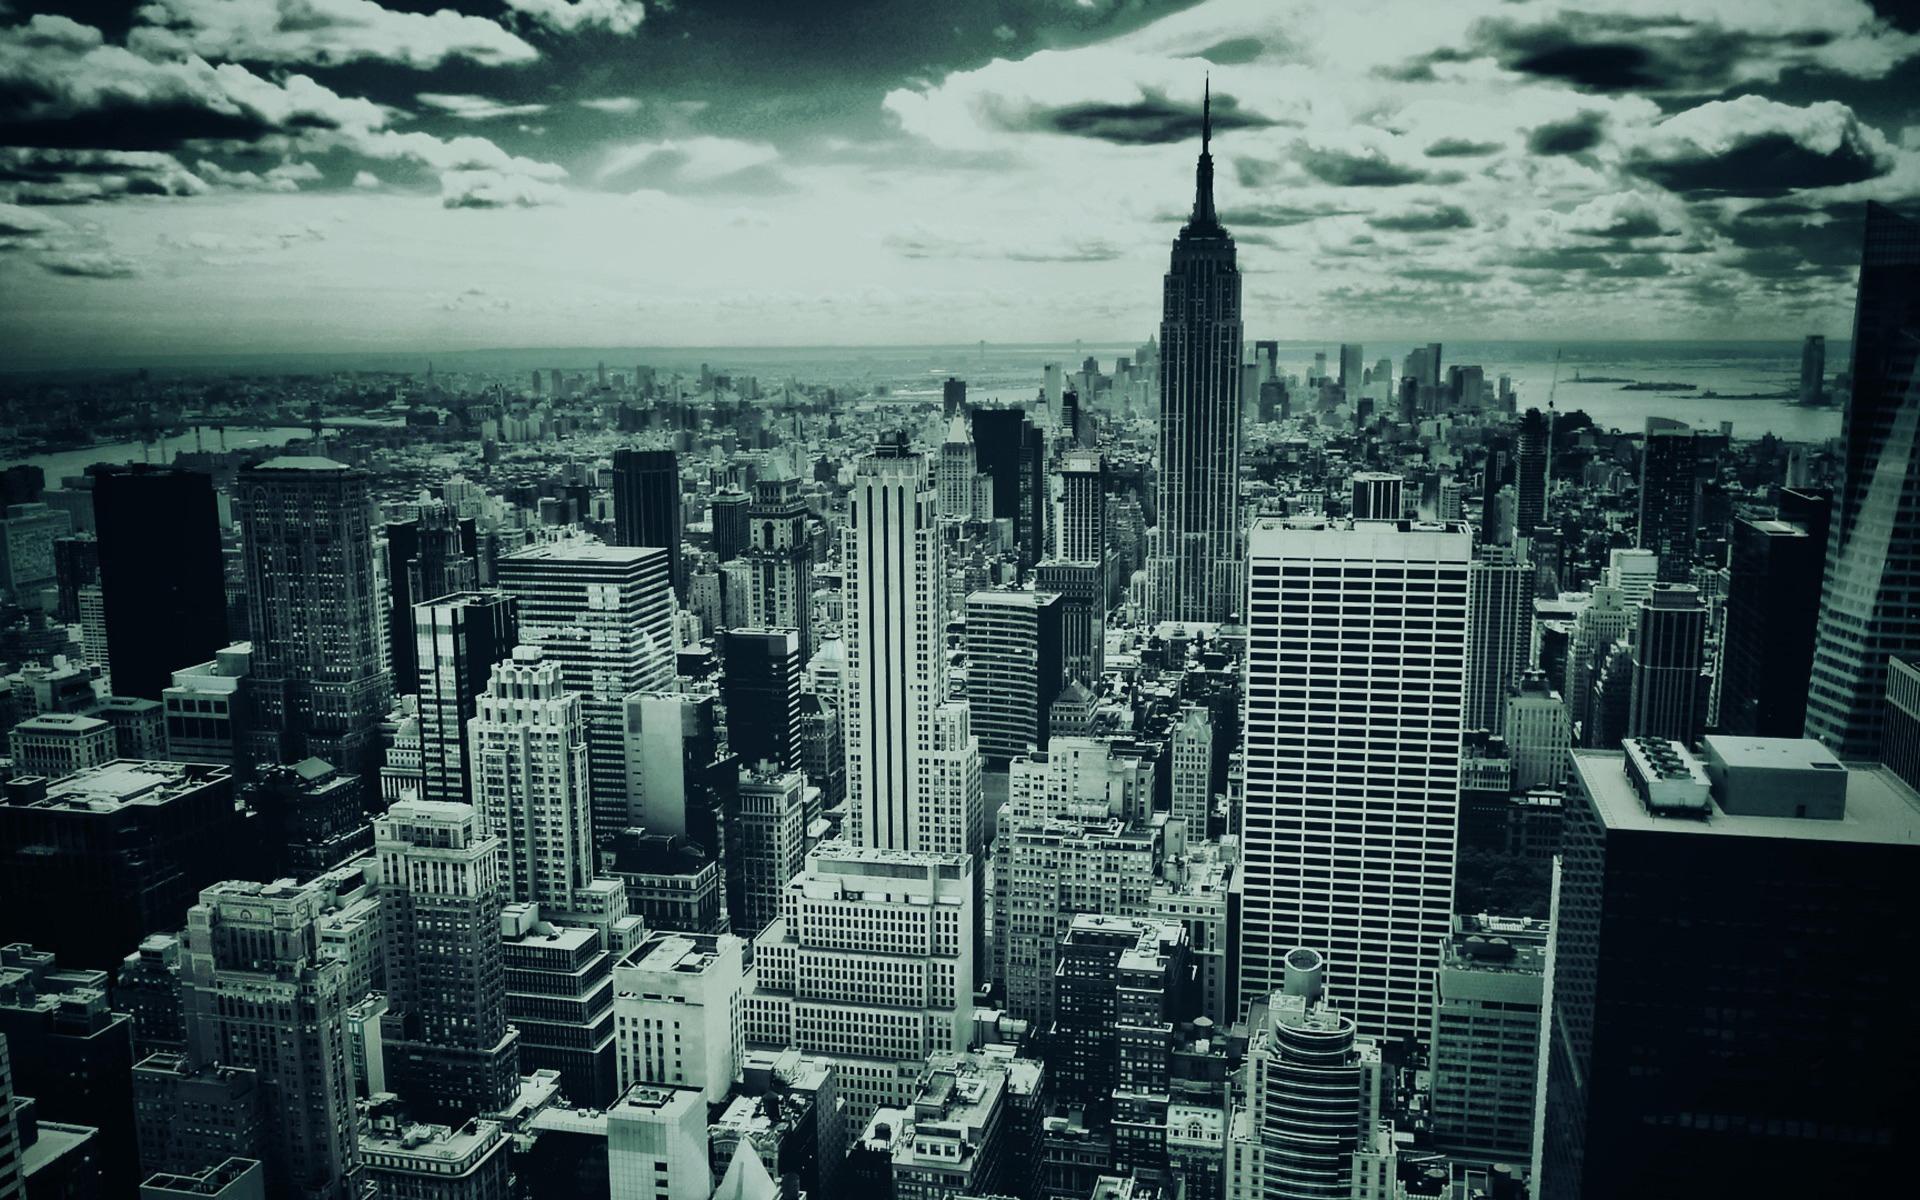 47+] New York 1080p Wallpaper on WallpaperSafari